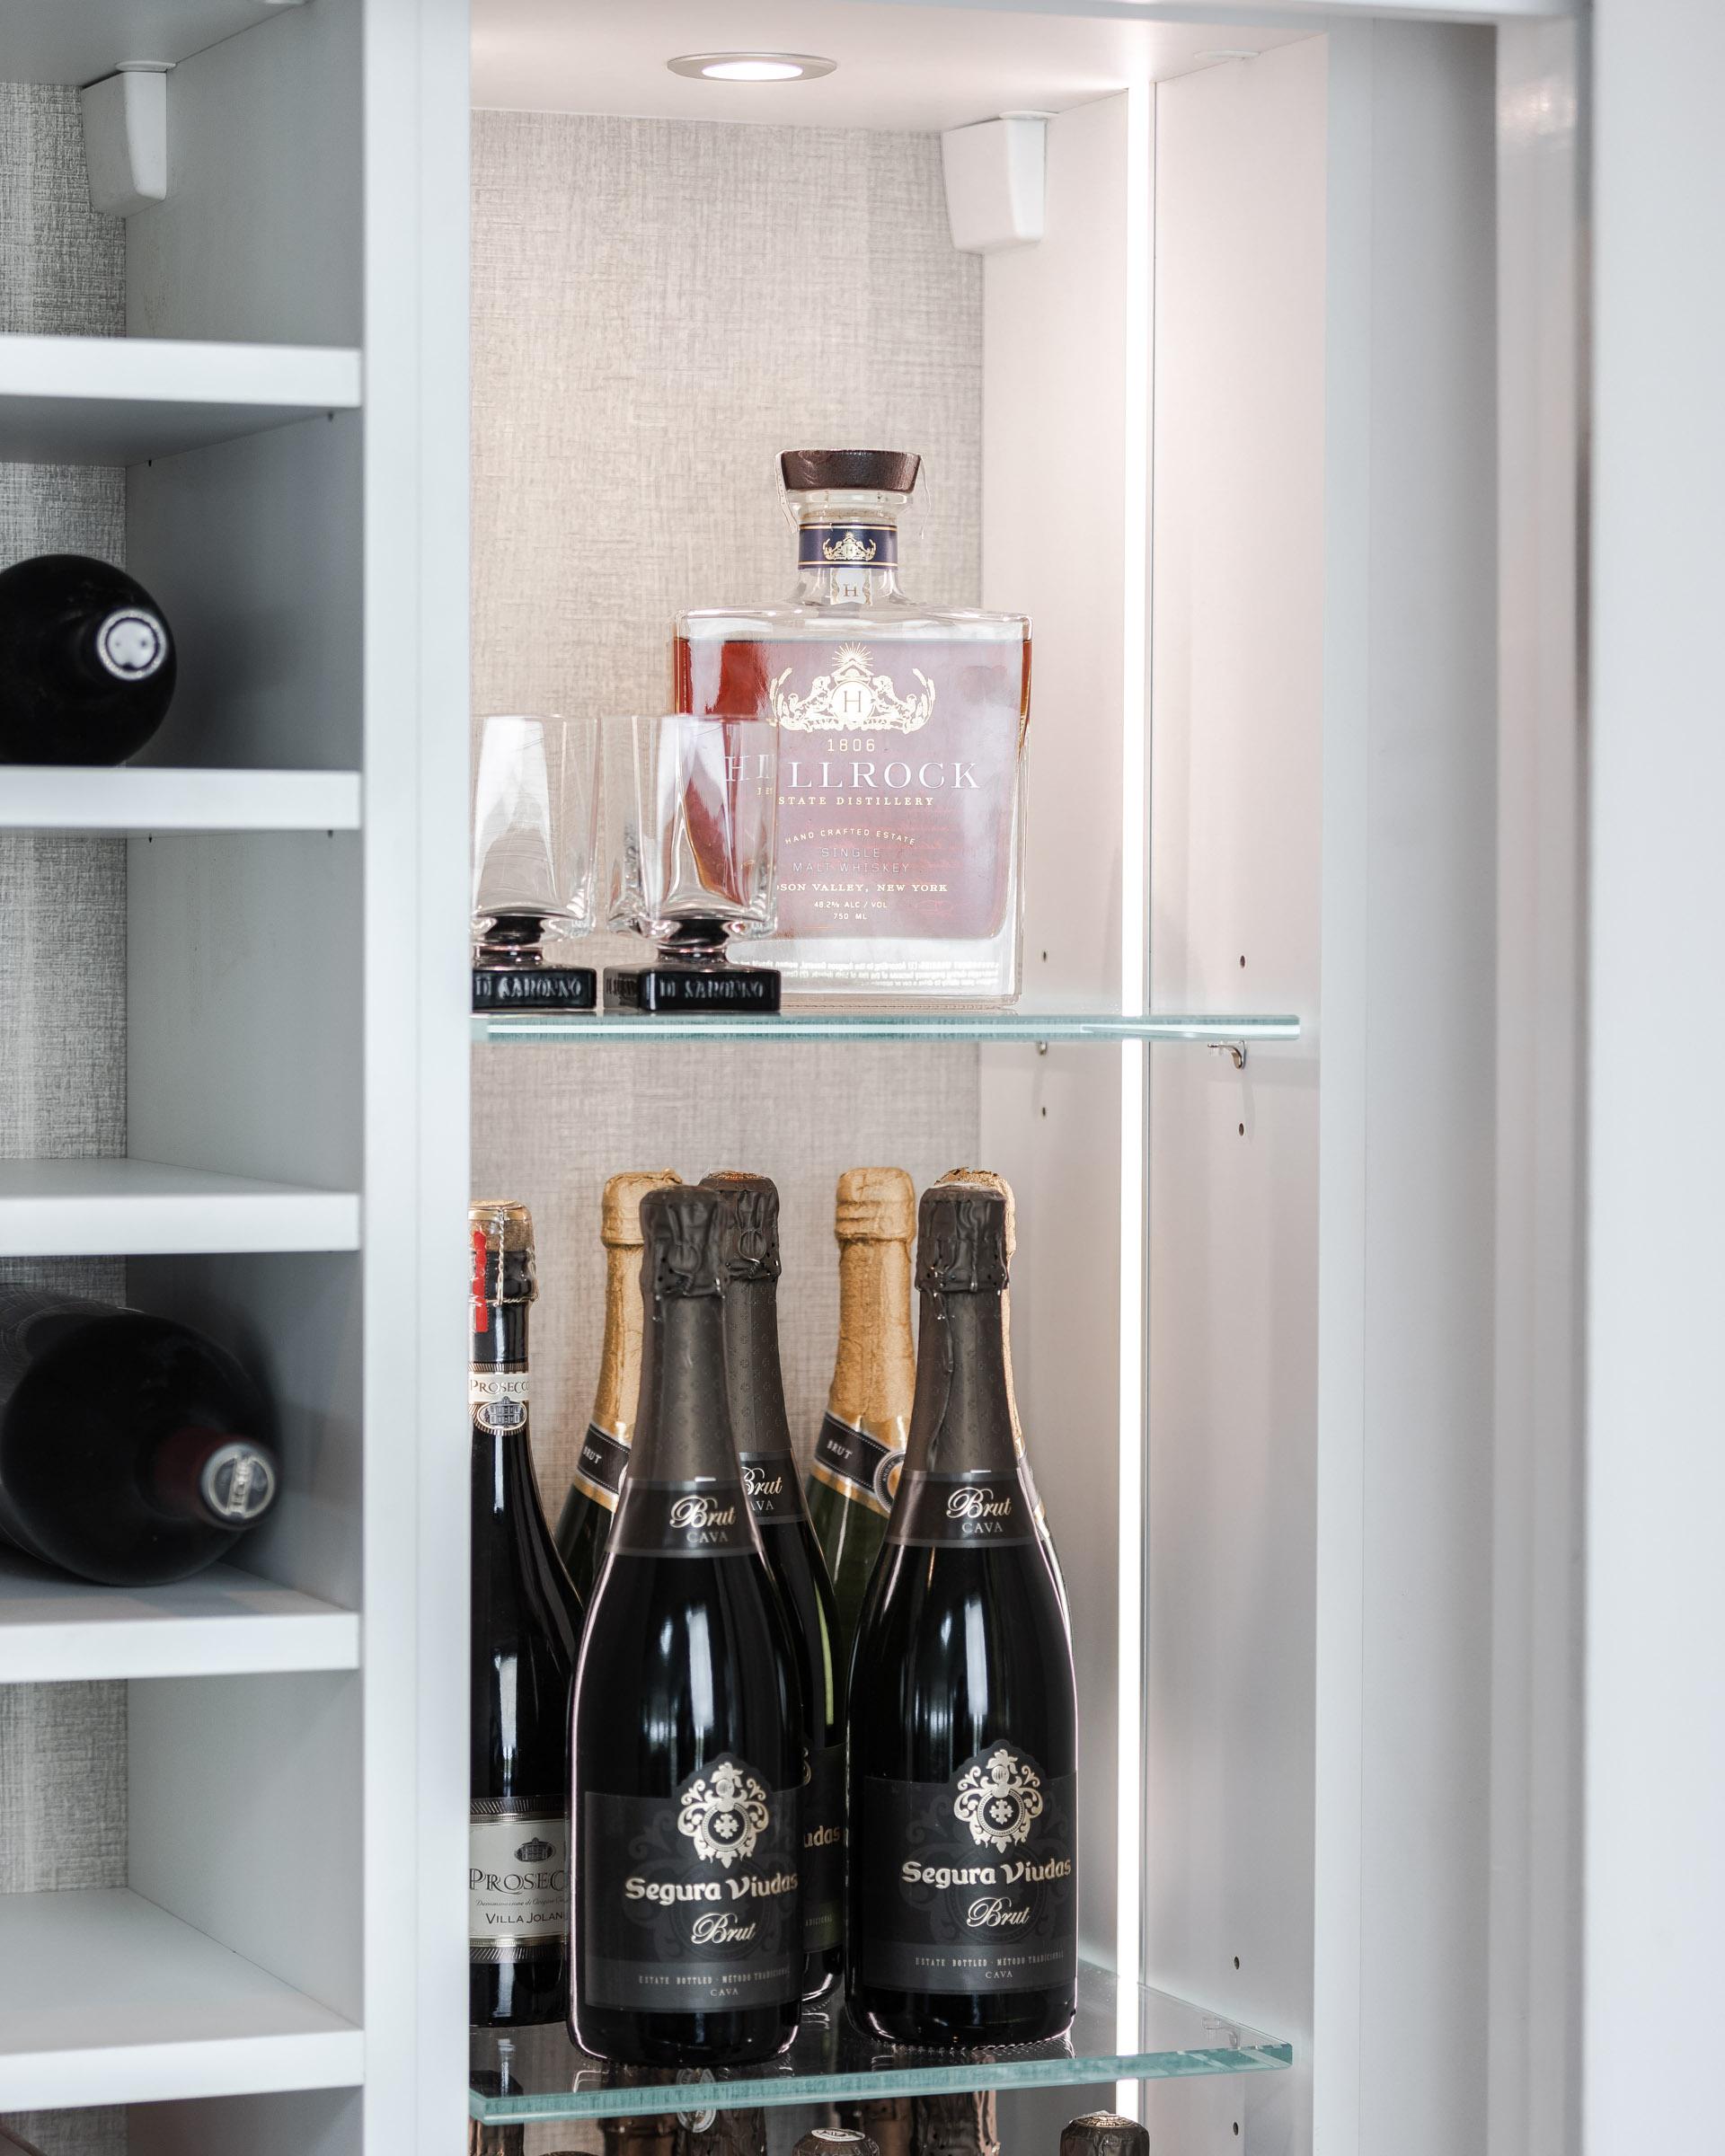 liquor-closet-close-up-display-shelf-the-glamorous-gal